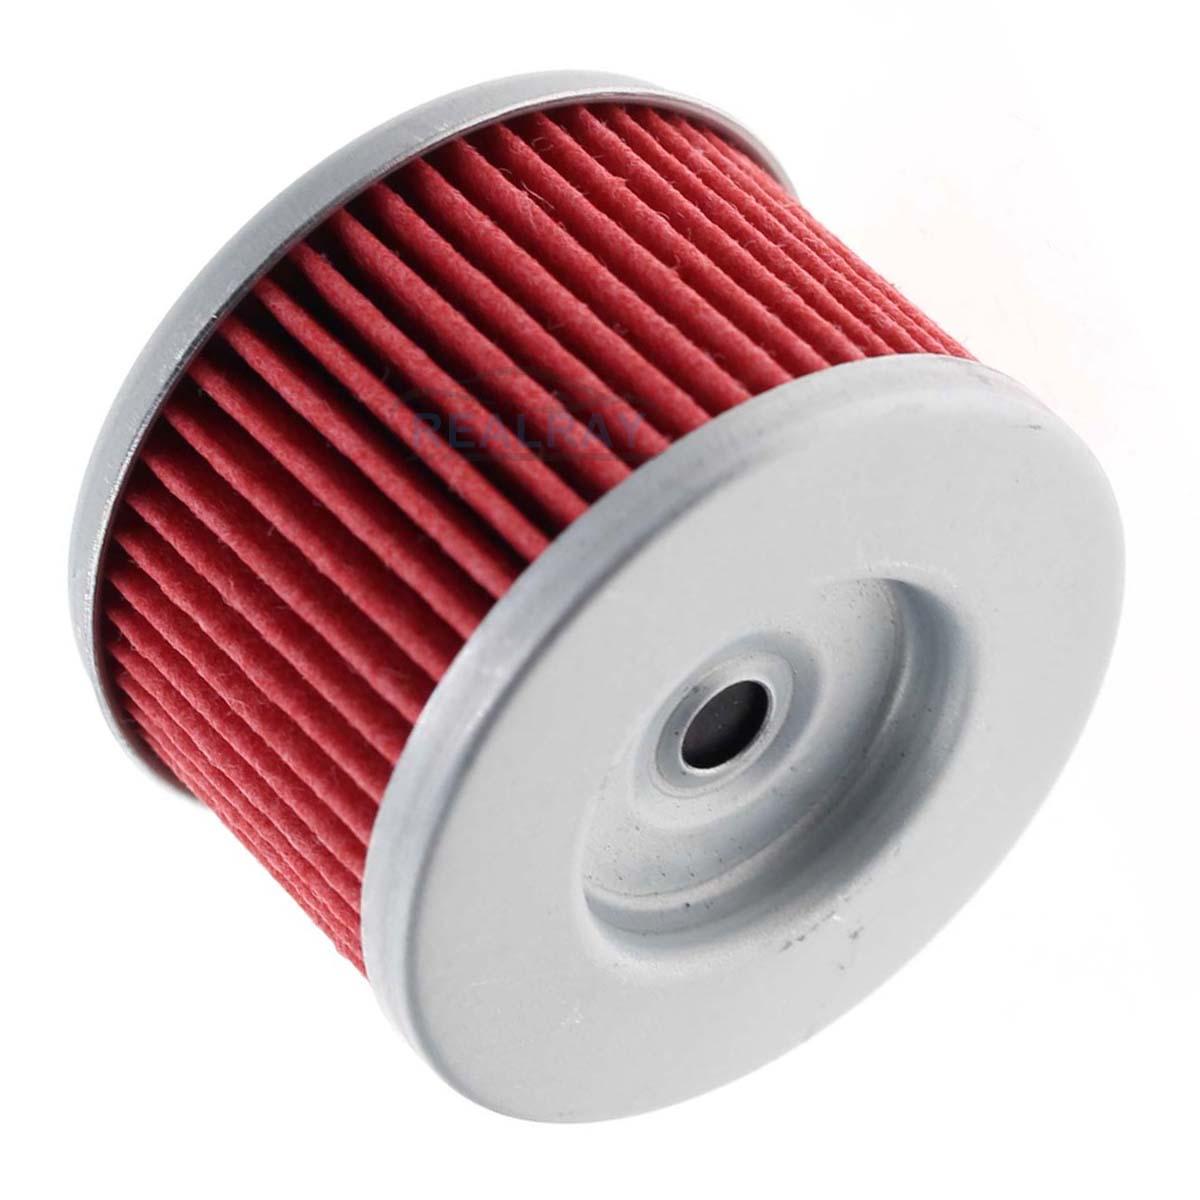 5pcs New Oil Filter For Big Red Foreman FourTrax Rancher Sportrax TRX 2x4 4x4